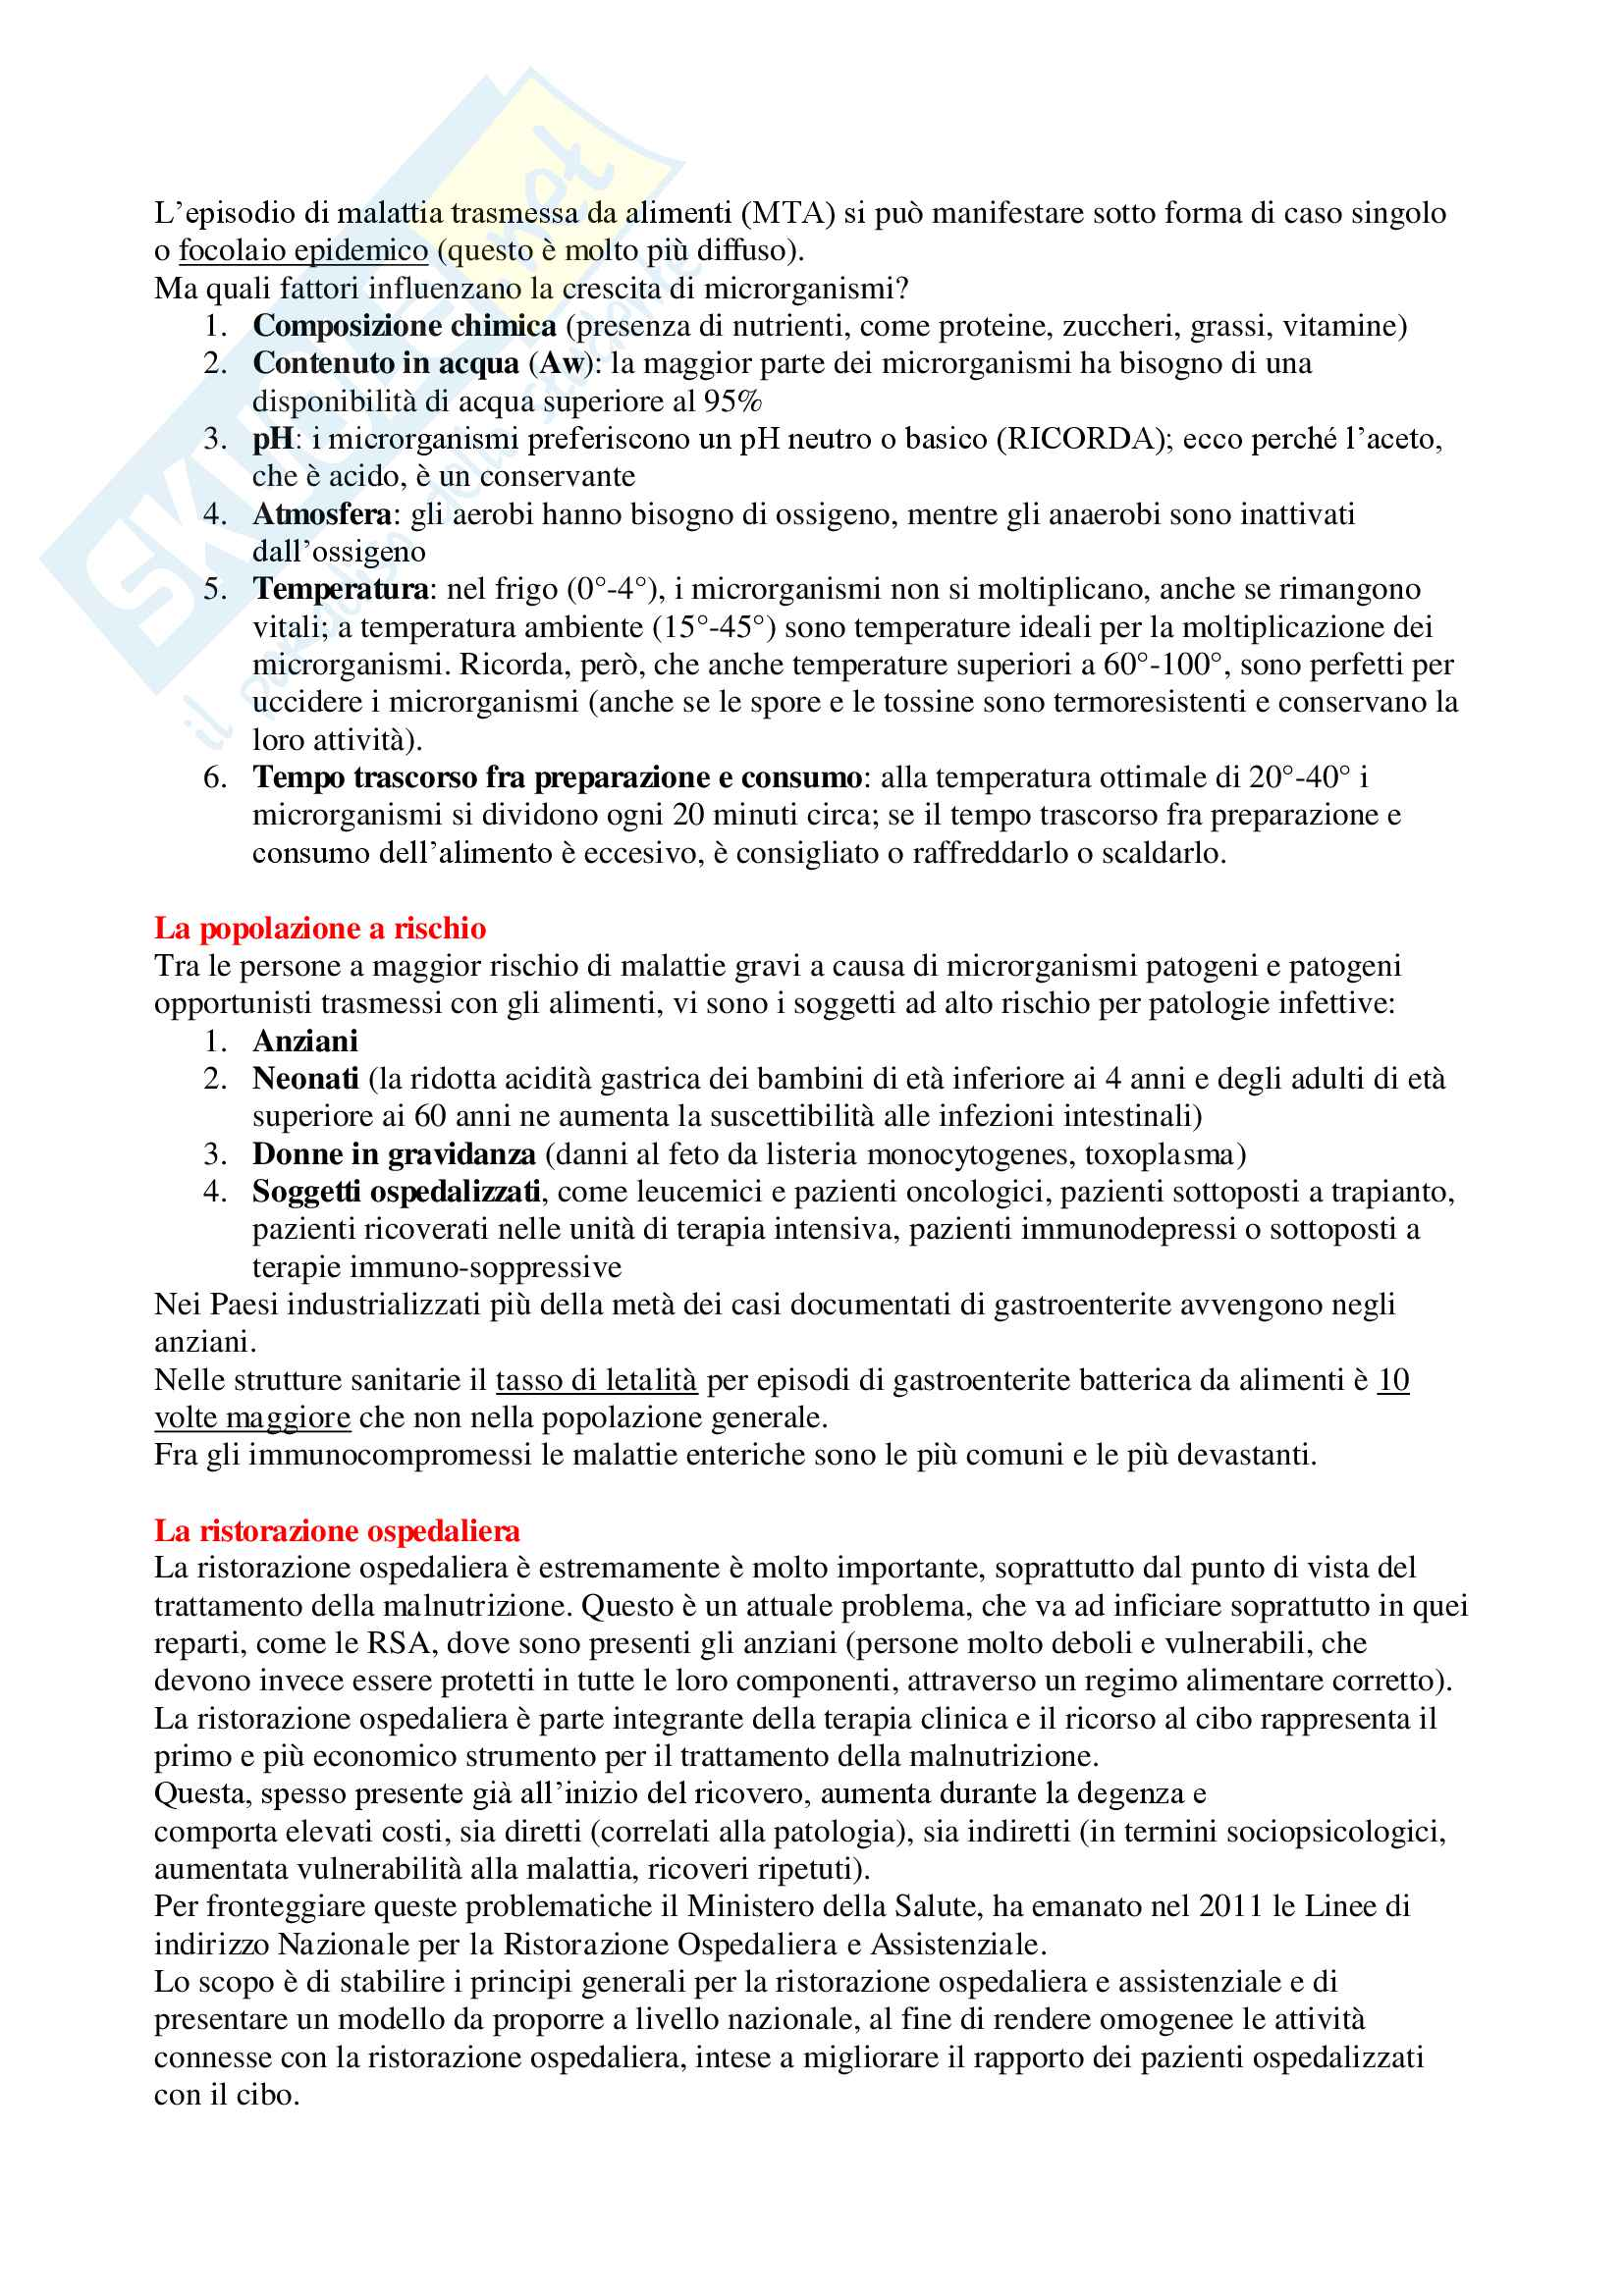 Igiene Applicata - Appunti Completi Pag. 6